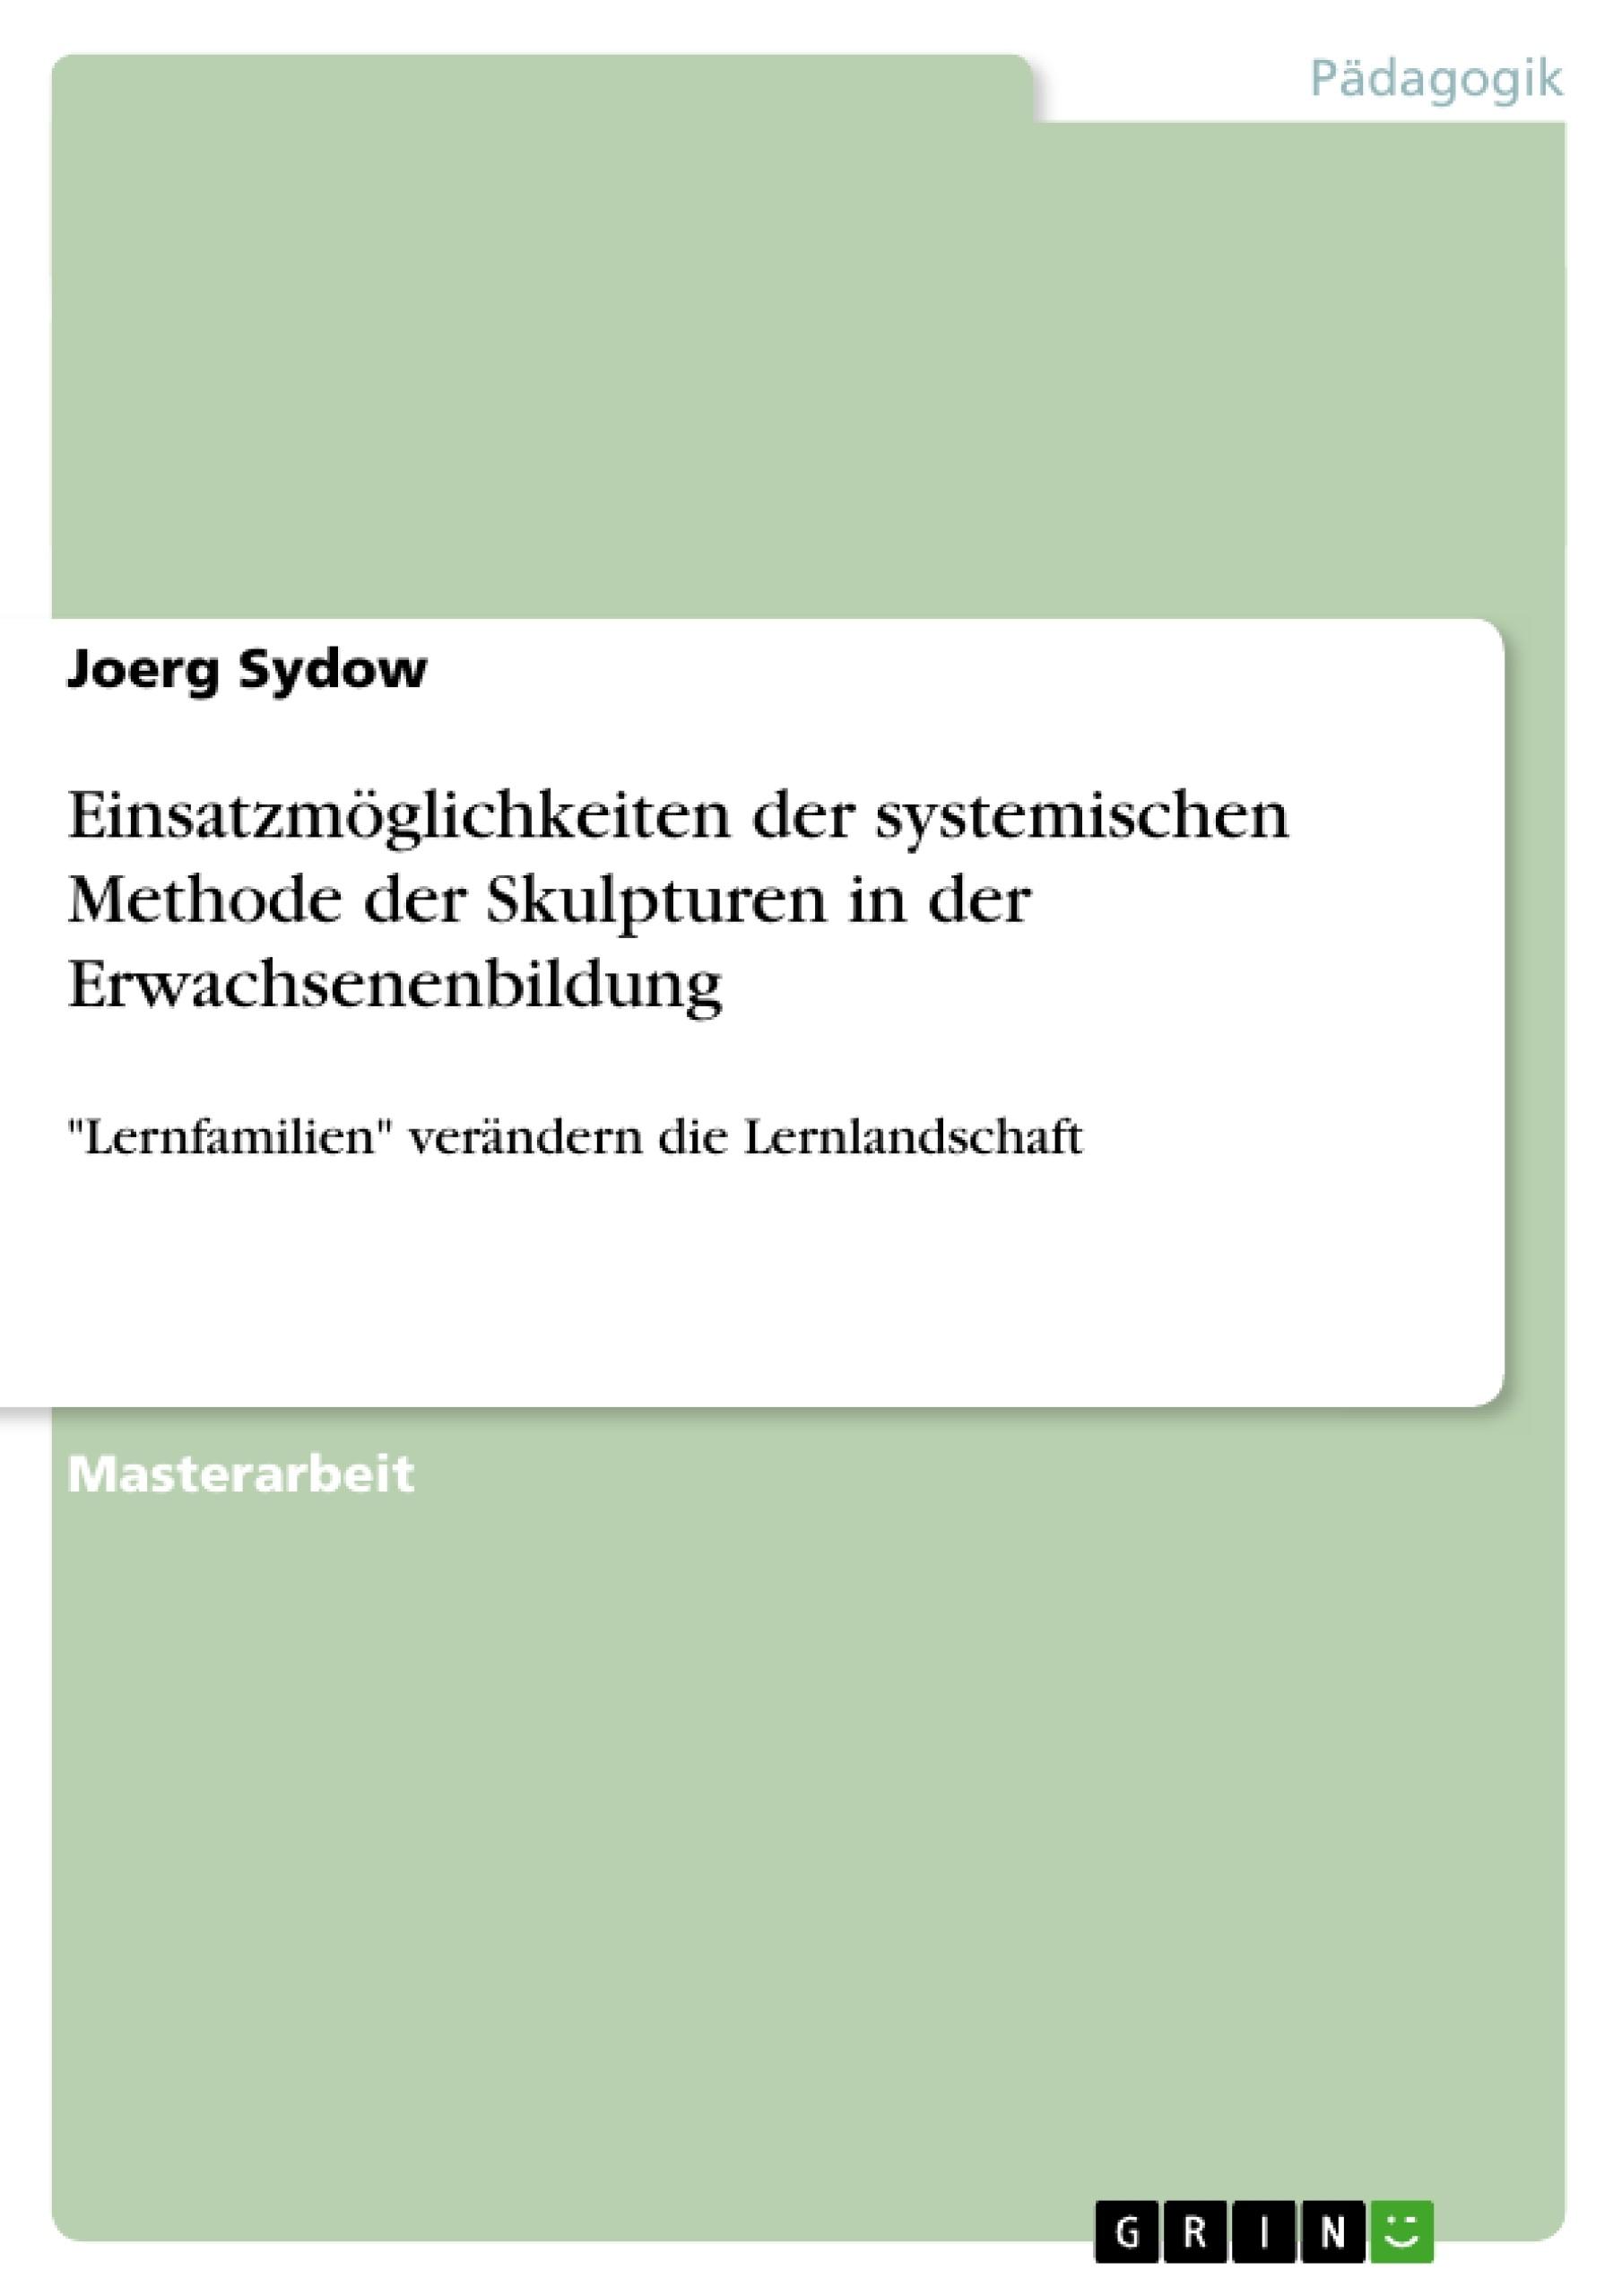 Titel: Einsatzmöglichkeiten der systemischen Methode der Skulpturen in der Erwachsenenbildung